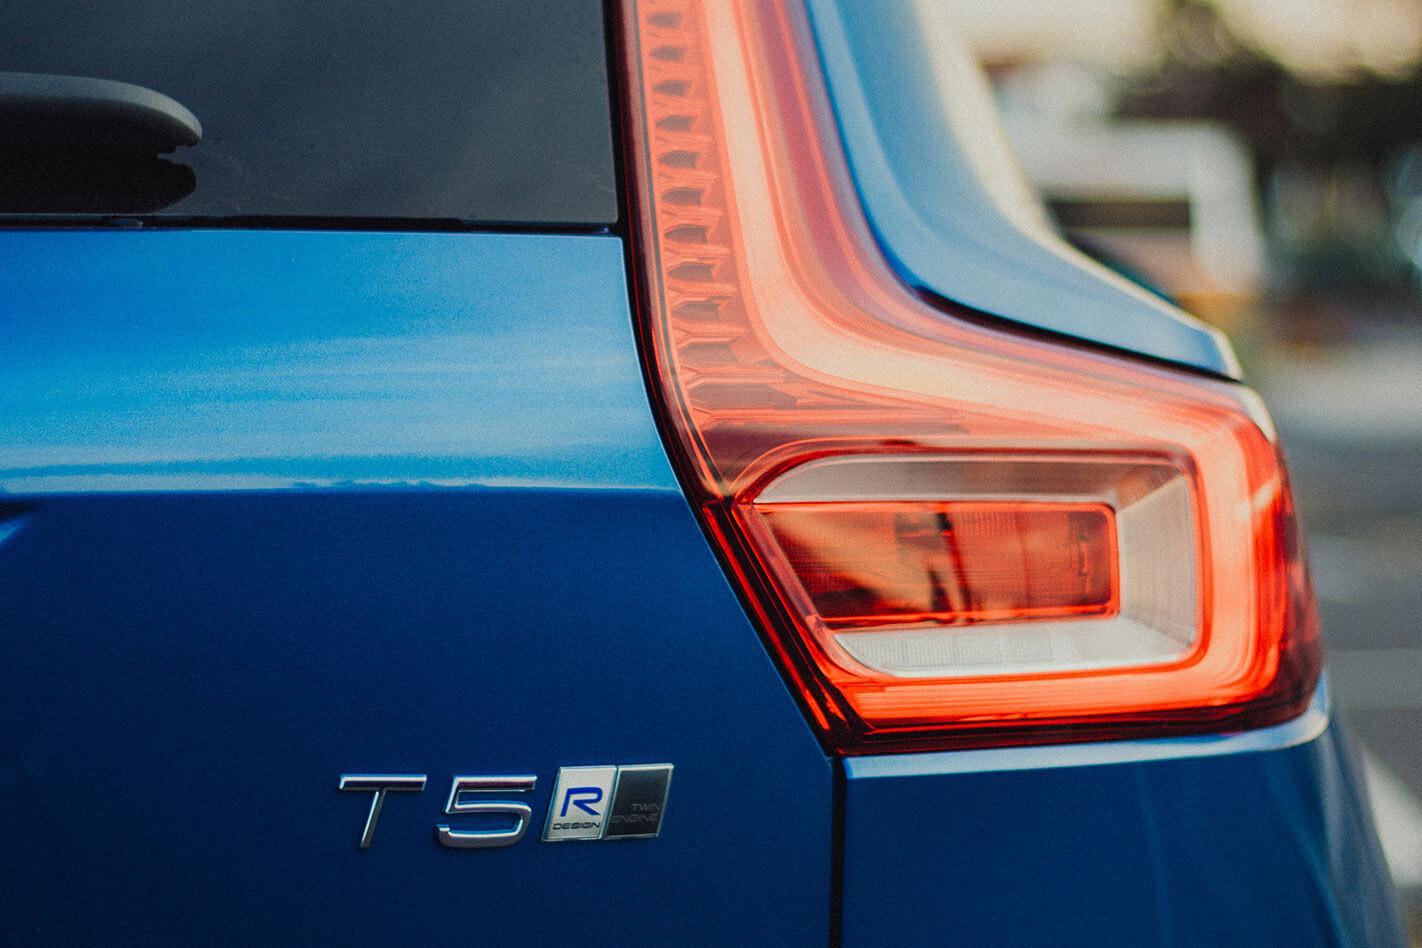 Volvo XC40 T5R